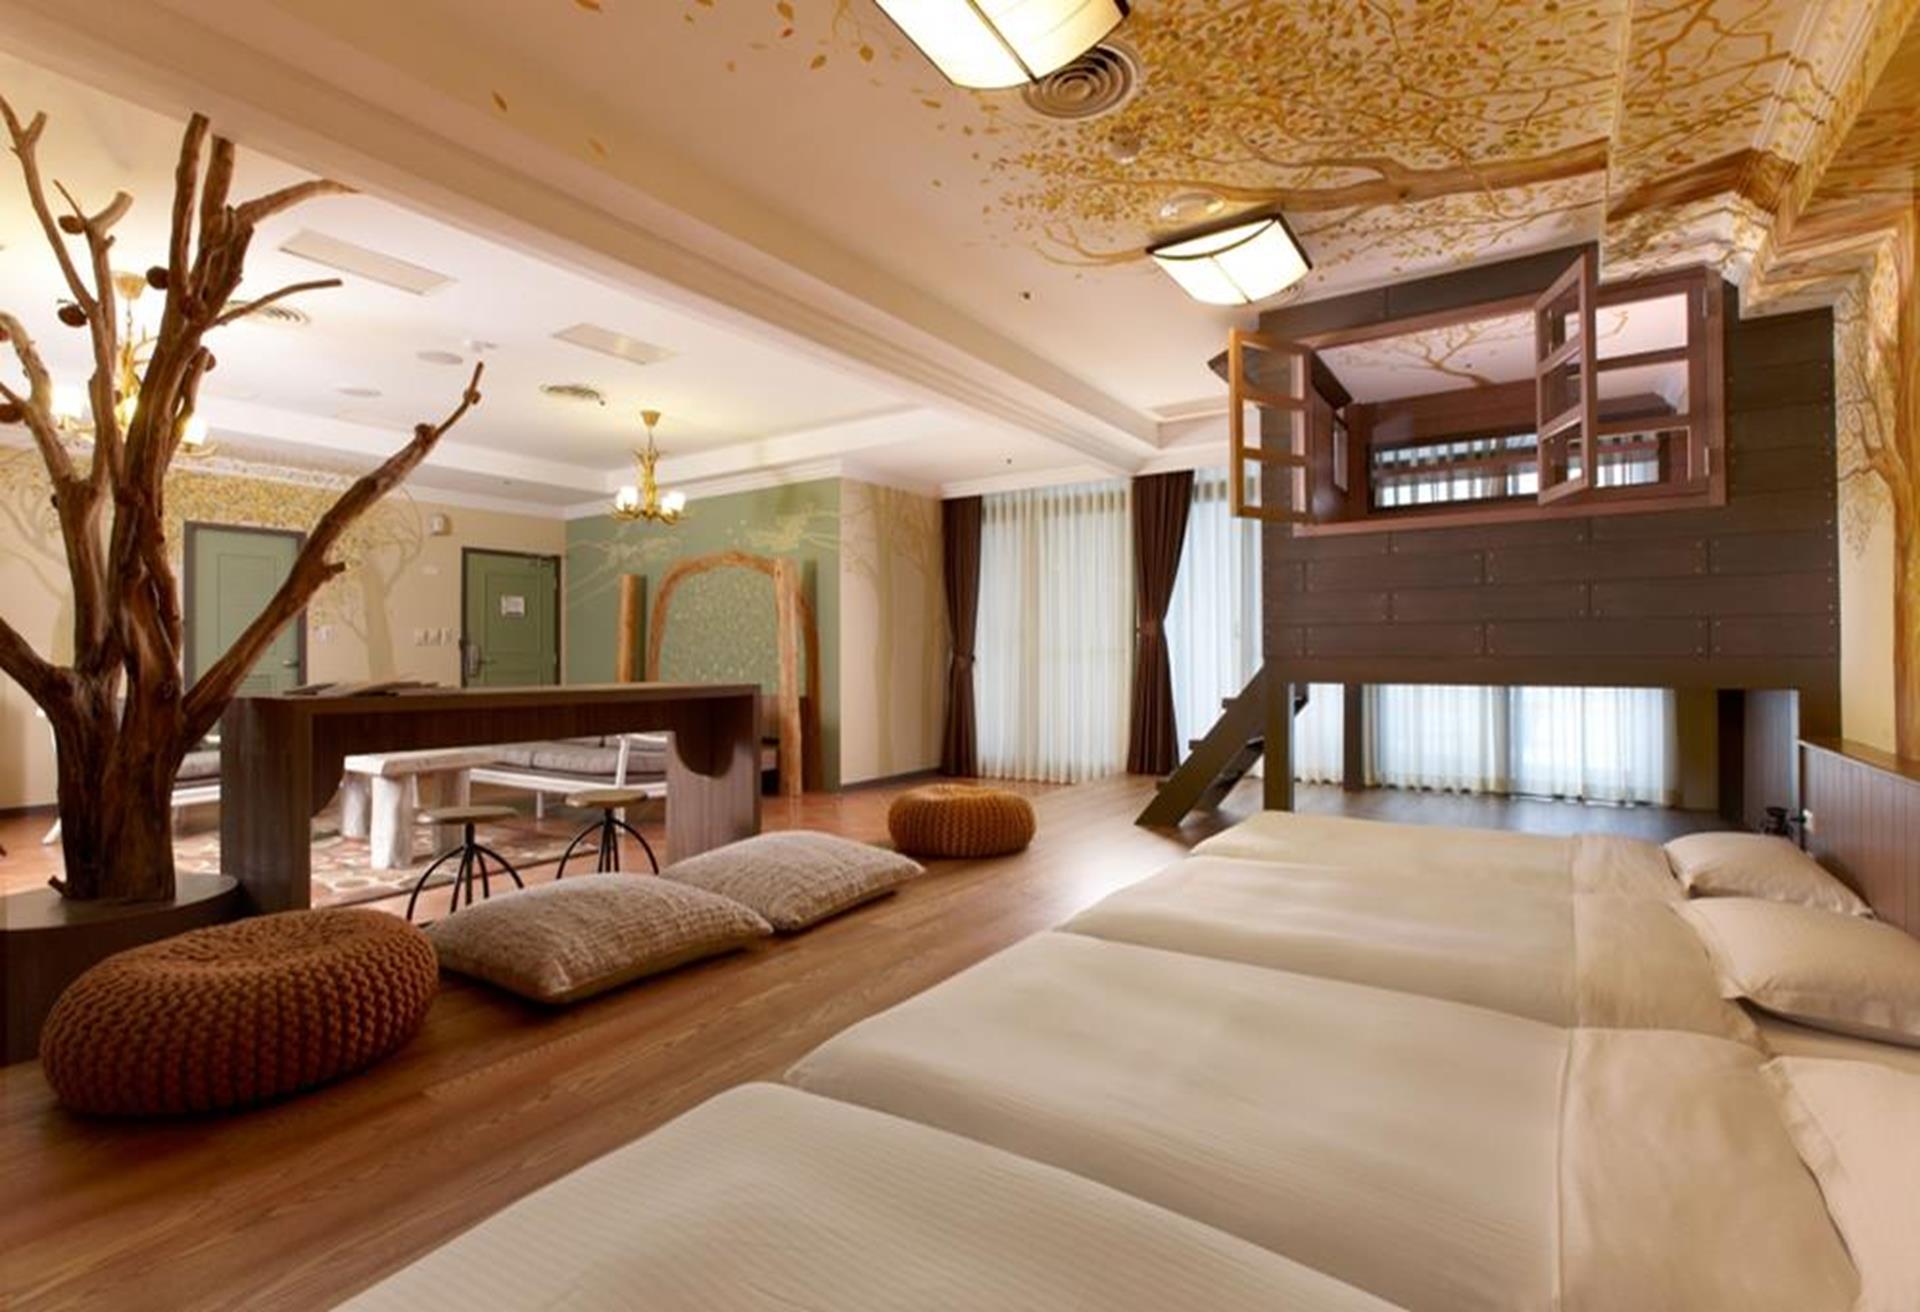 台北親子飯店推薦 - 陽明山天籟渡假酒店童話森林六人房